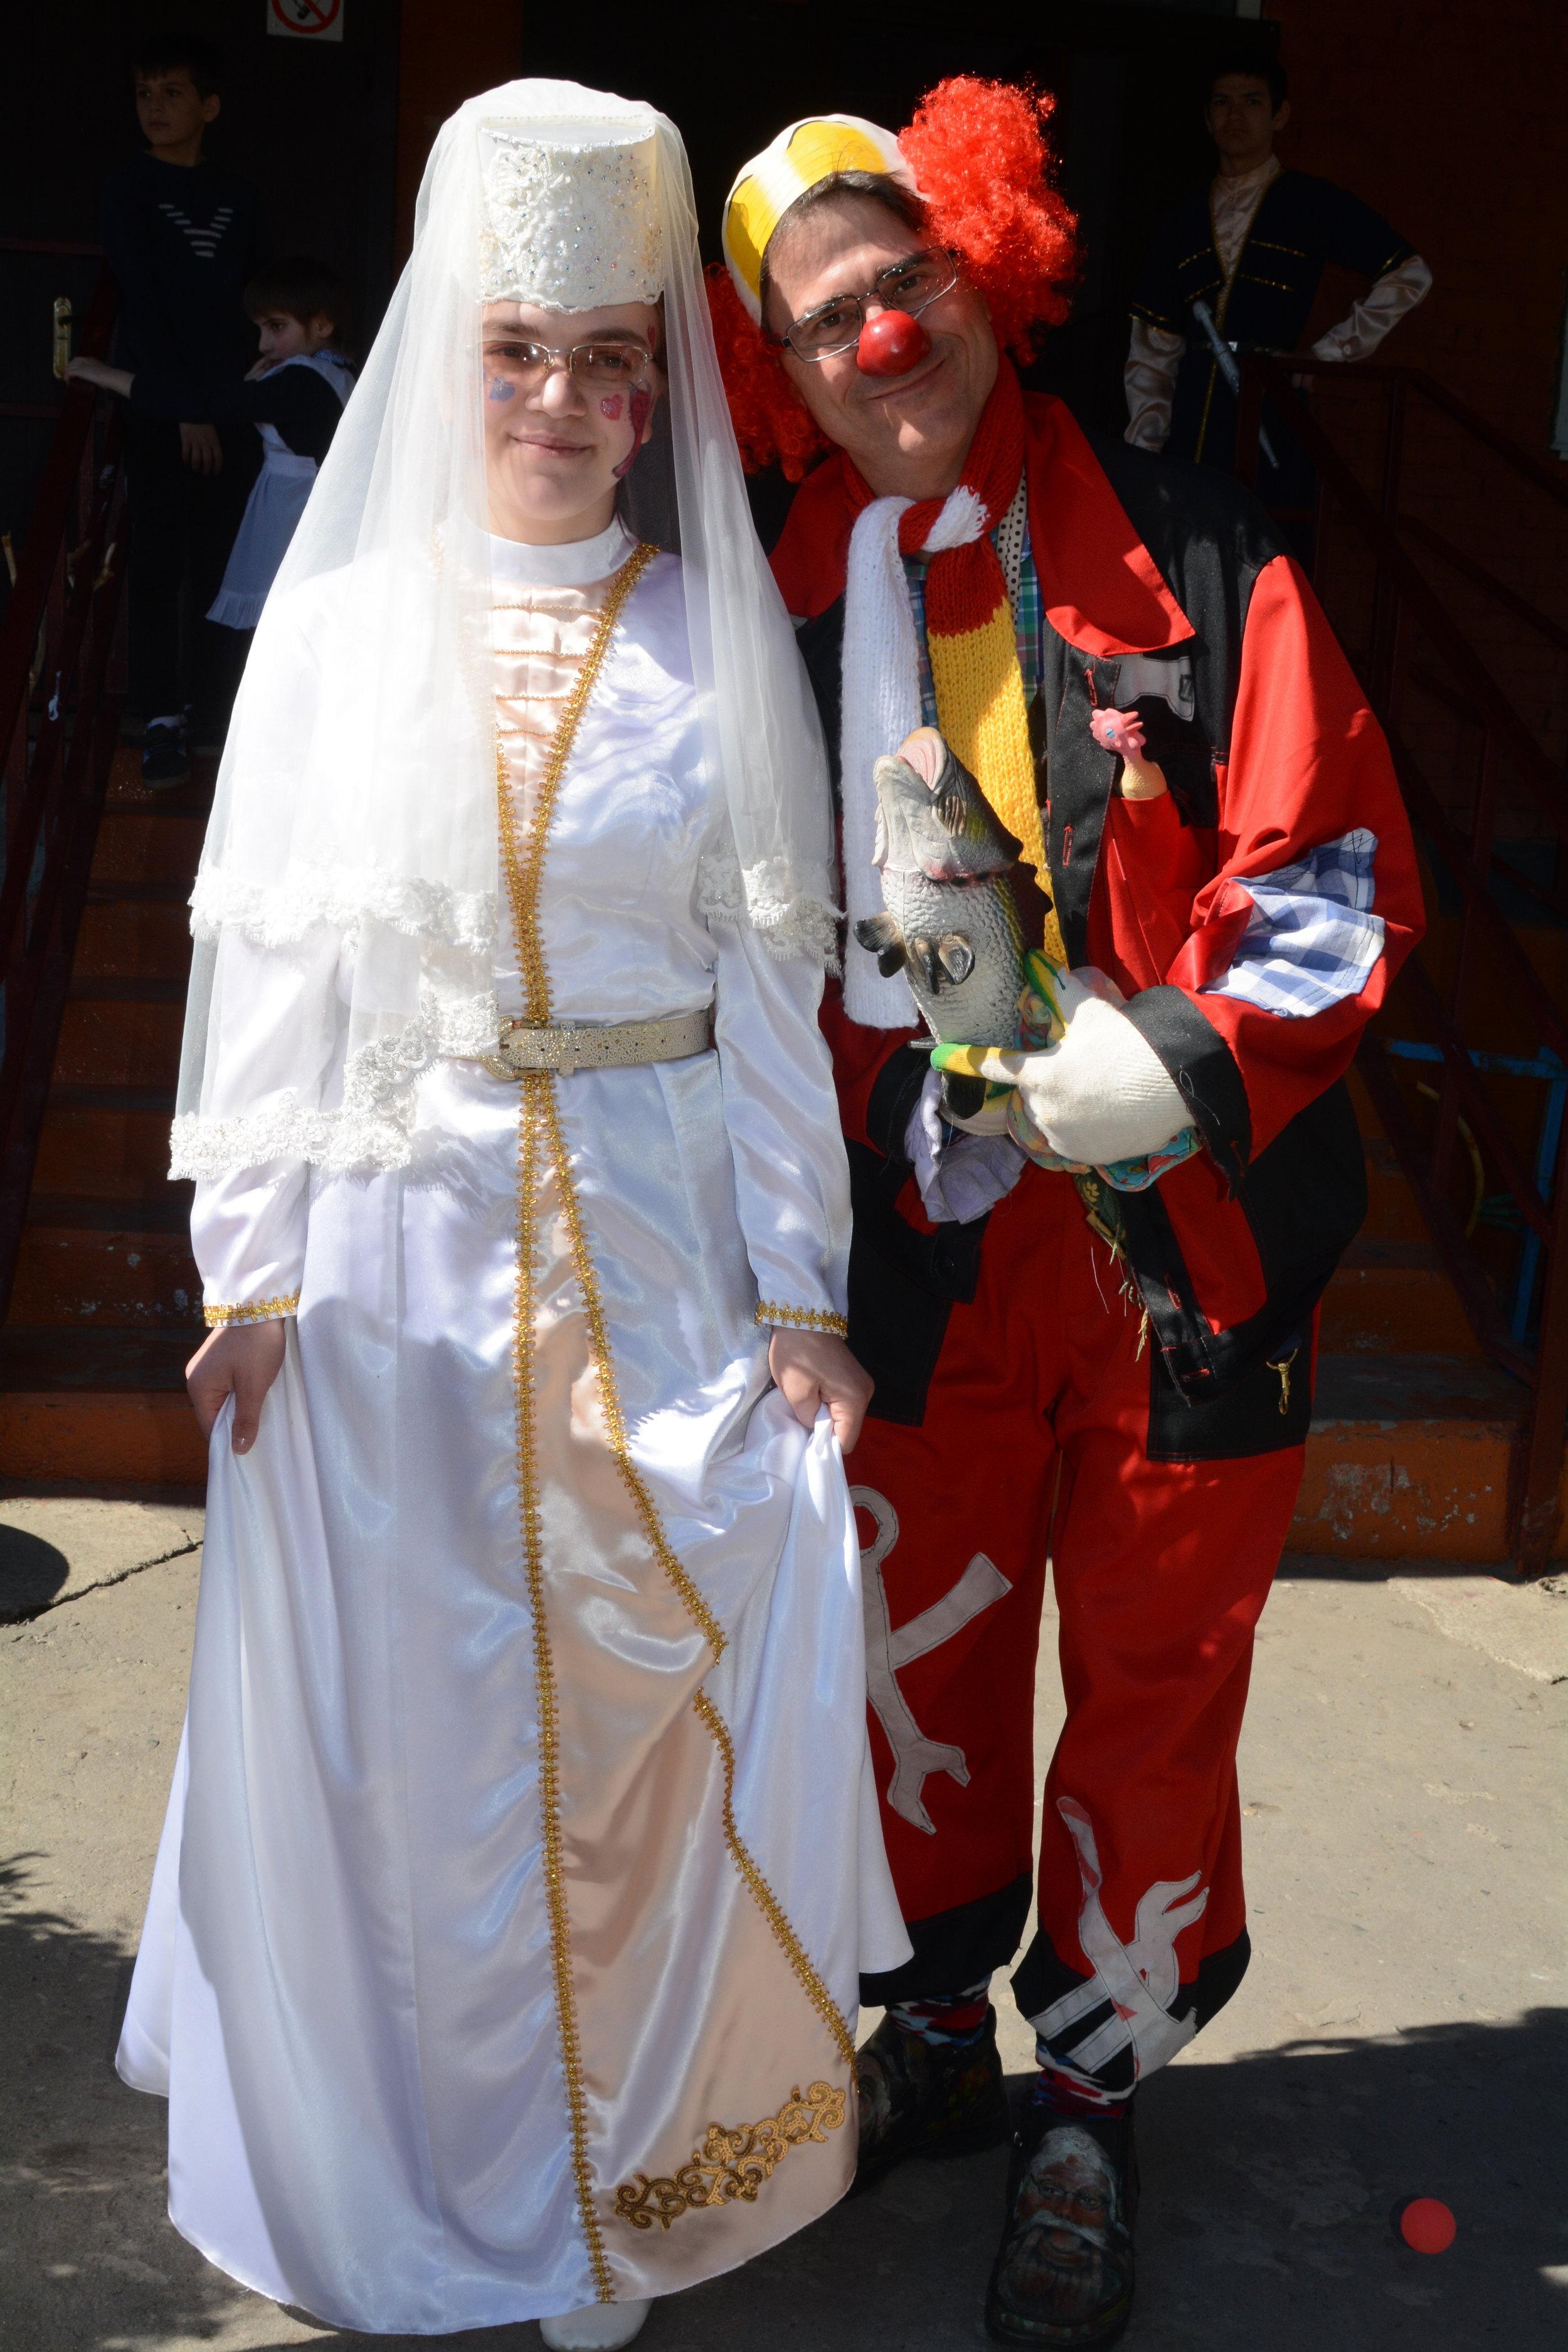 Zhorik contemplates an Ossetian bride